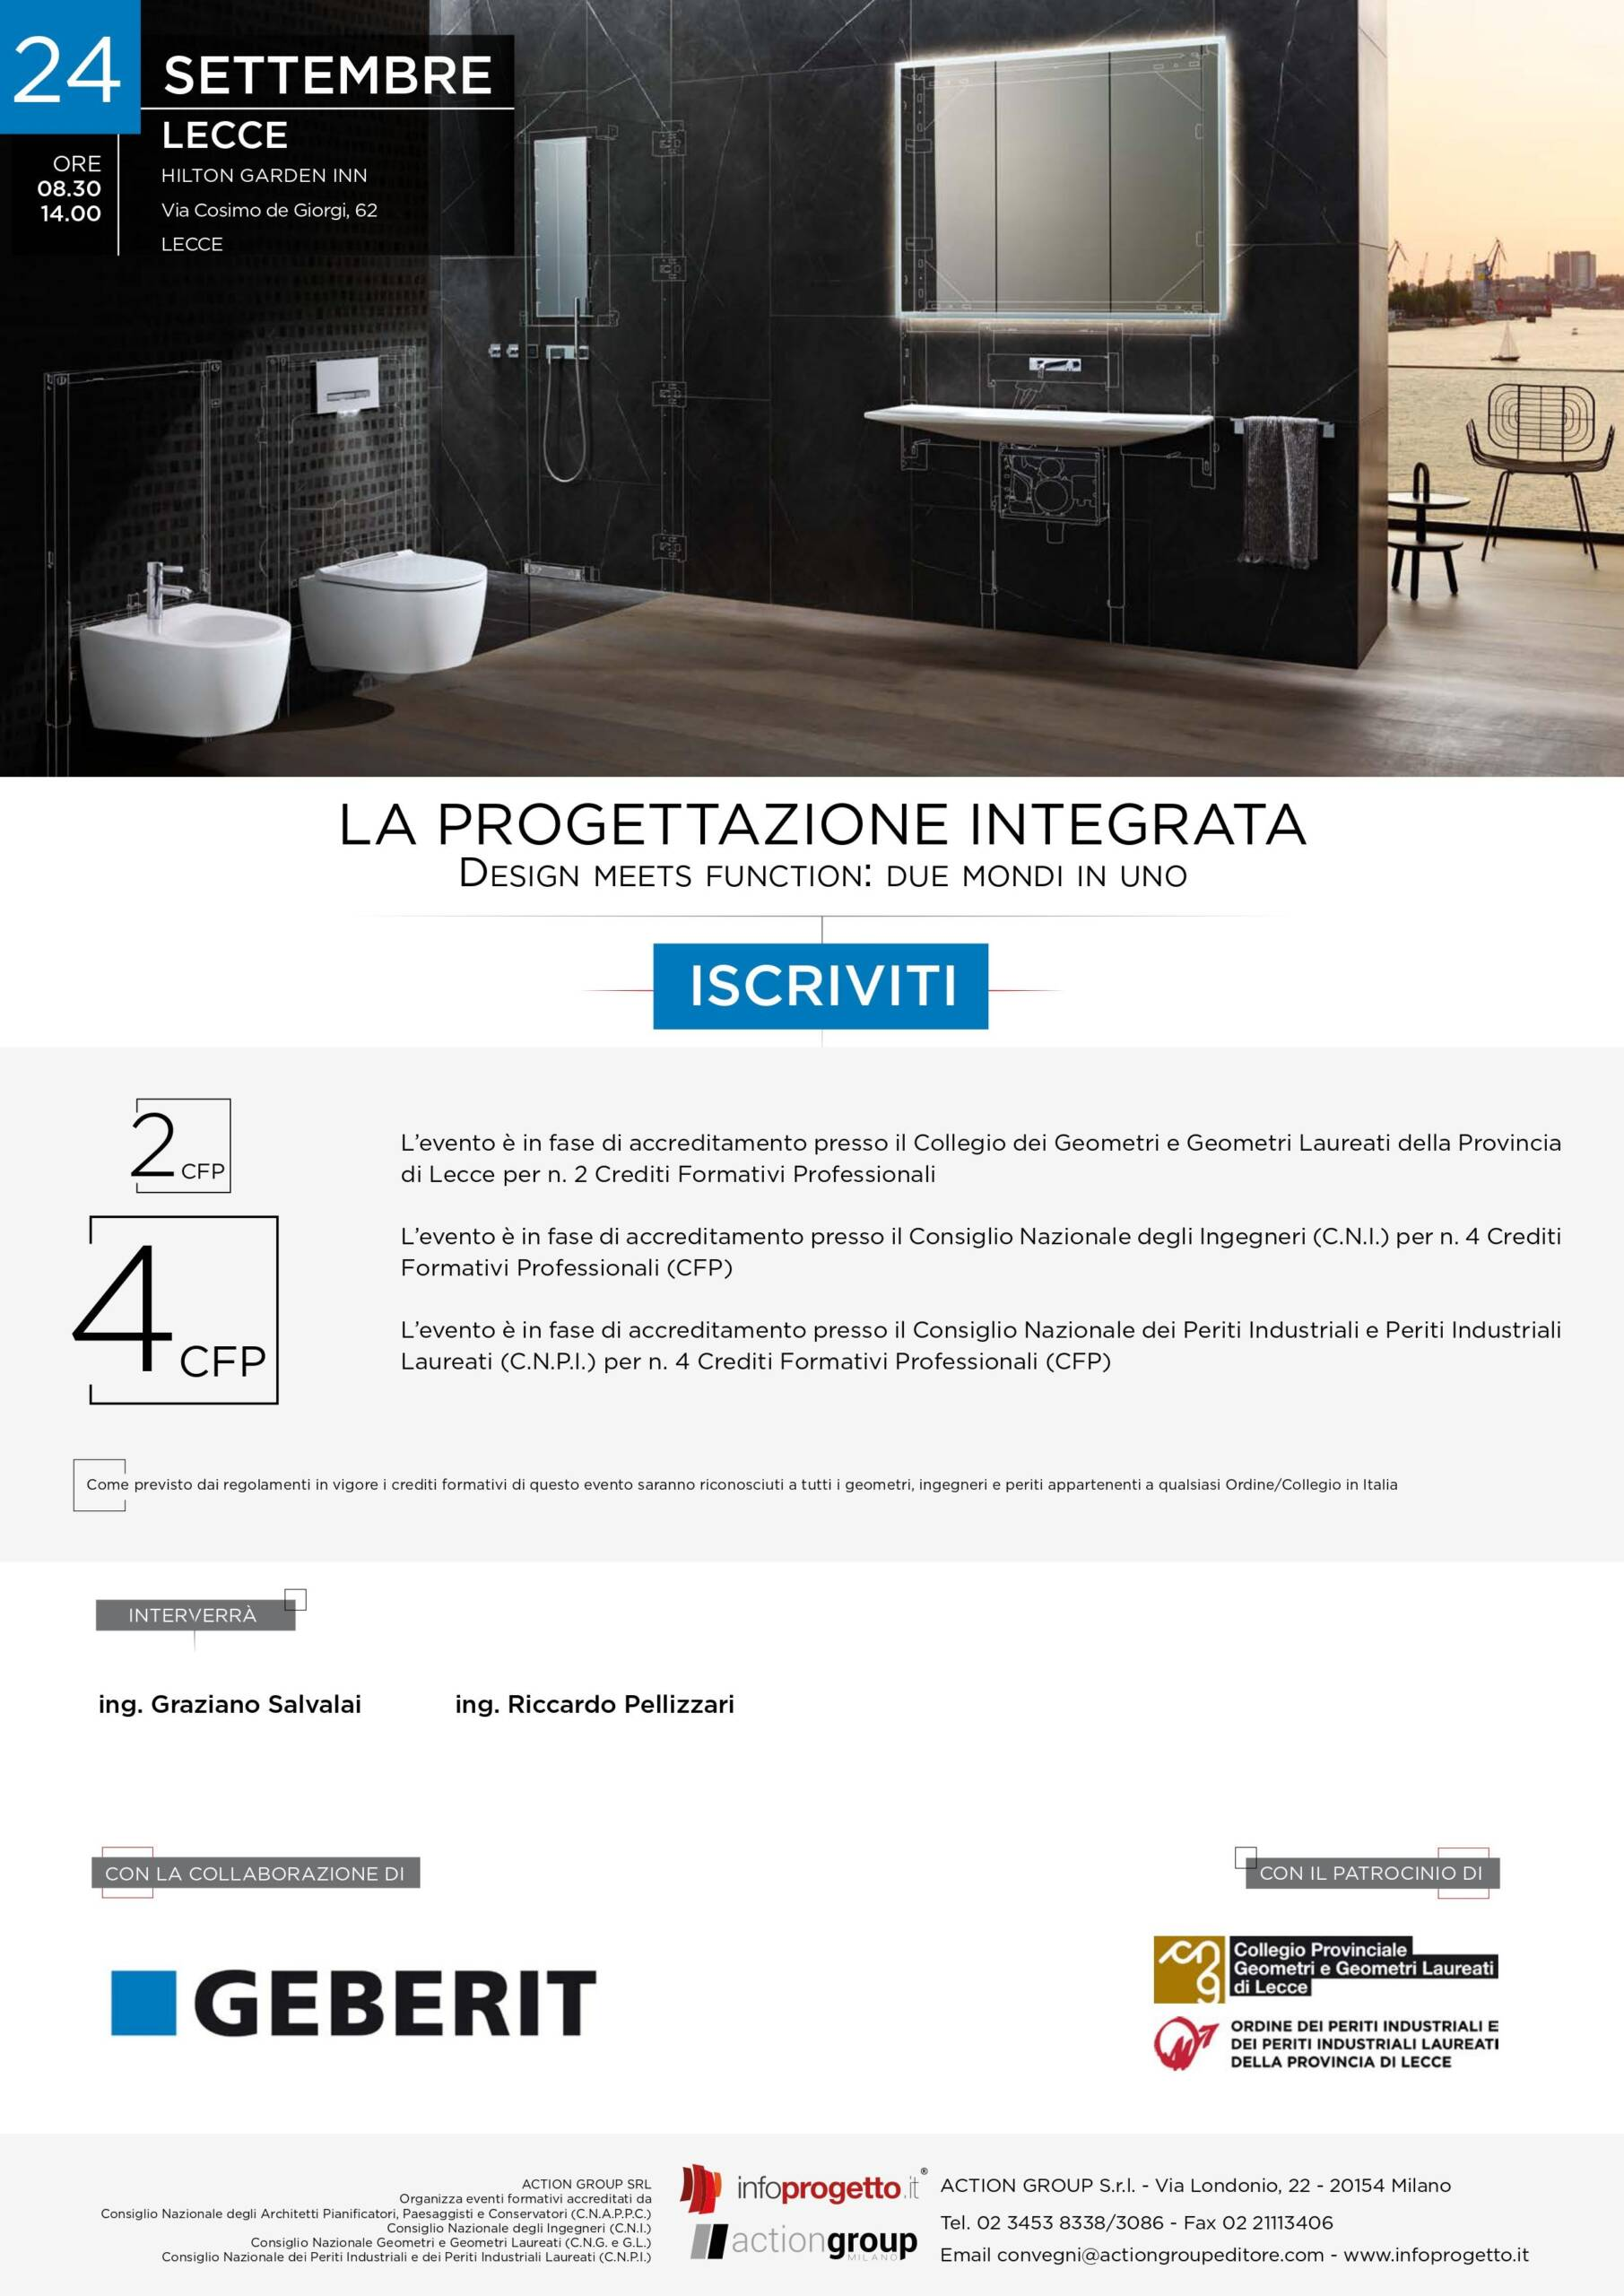 """Action Group Srl – Evento """"LA PROGETTAZIONE INTEGRATA – DESIGN MEETS FUNCTION: DUE MONDI IN UNO"""" – Lecce 24/09/2020"""